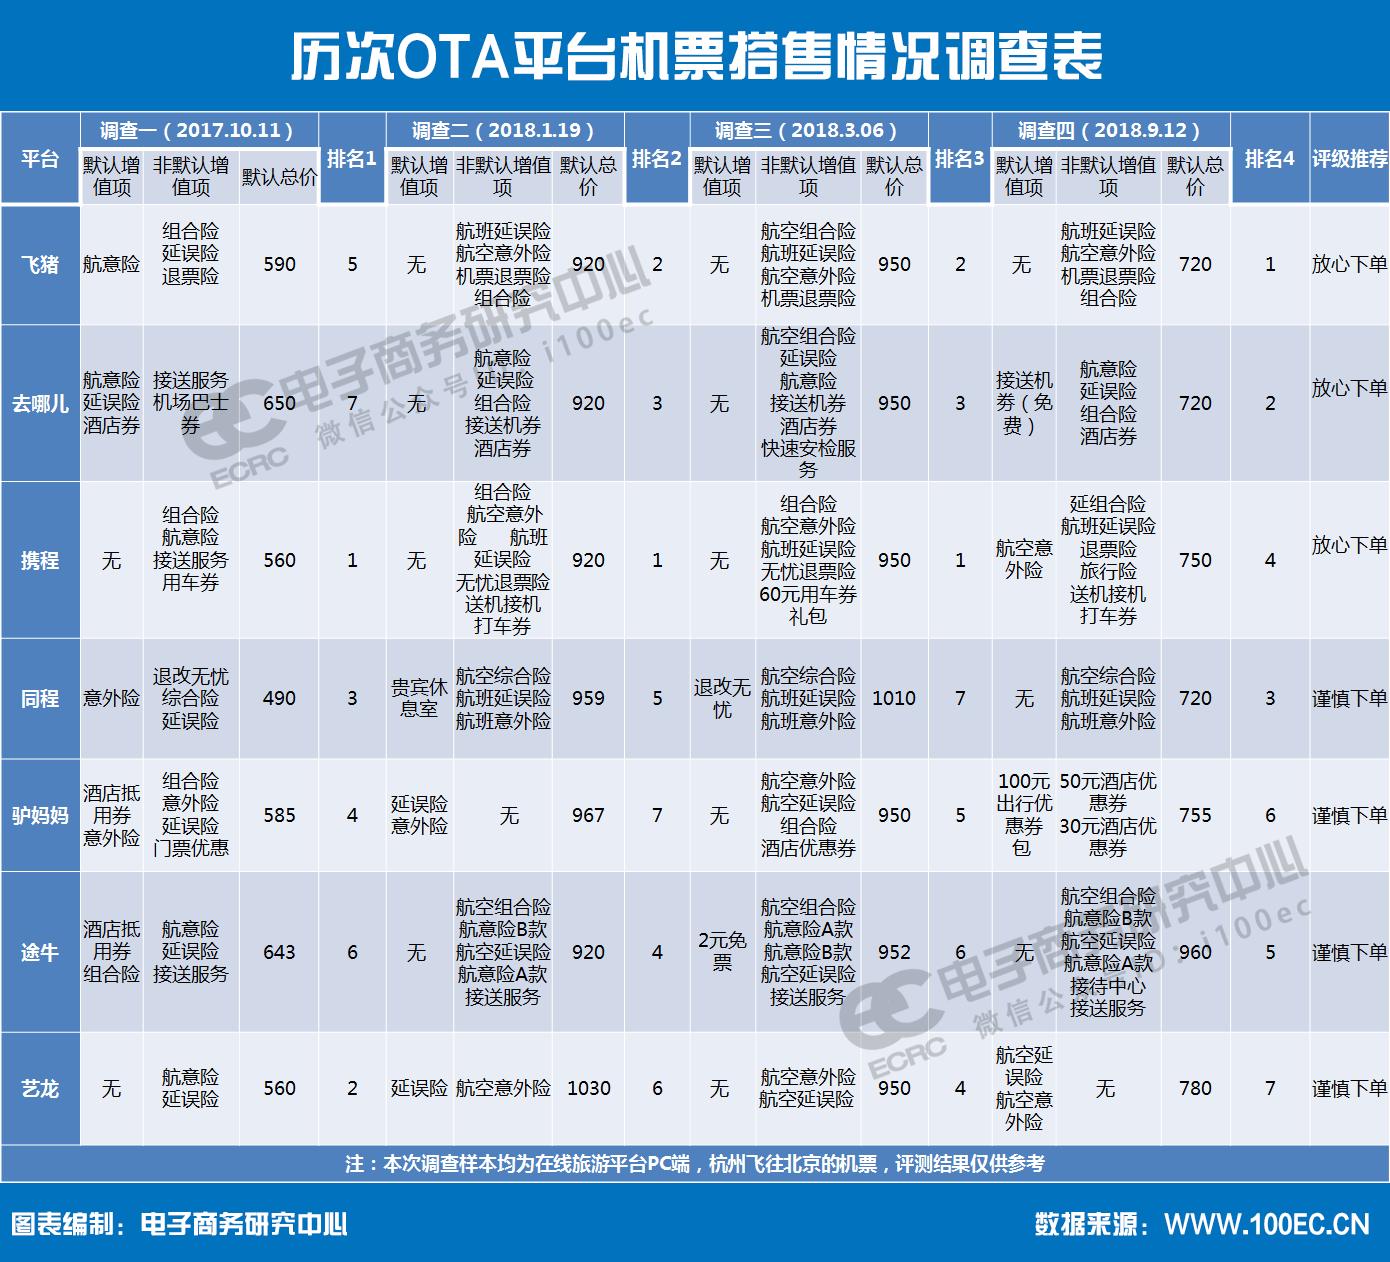 历次OTA平台机票搭售情况调查表.png